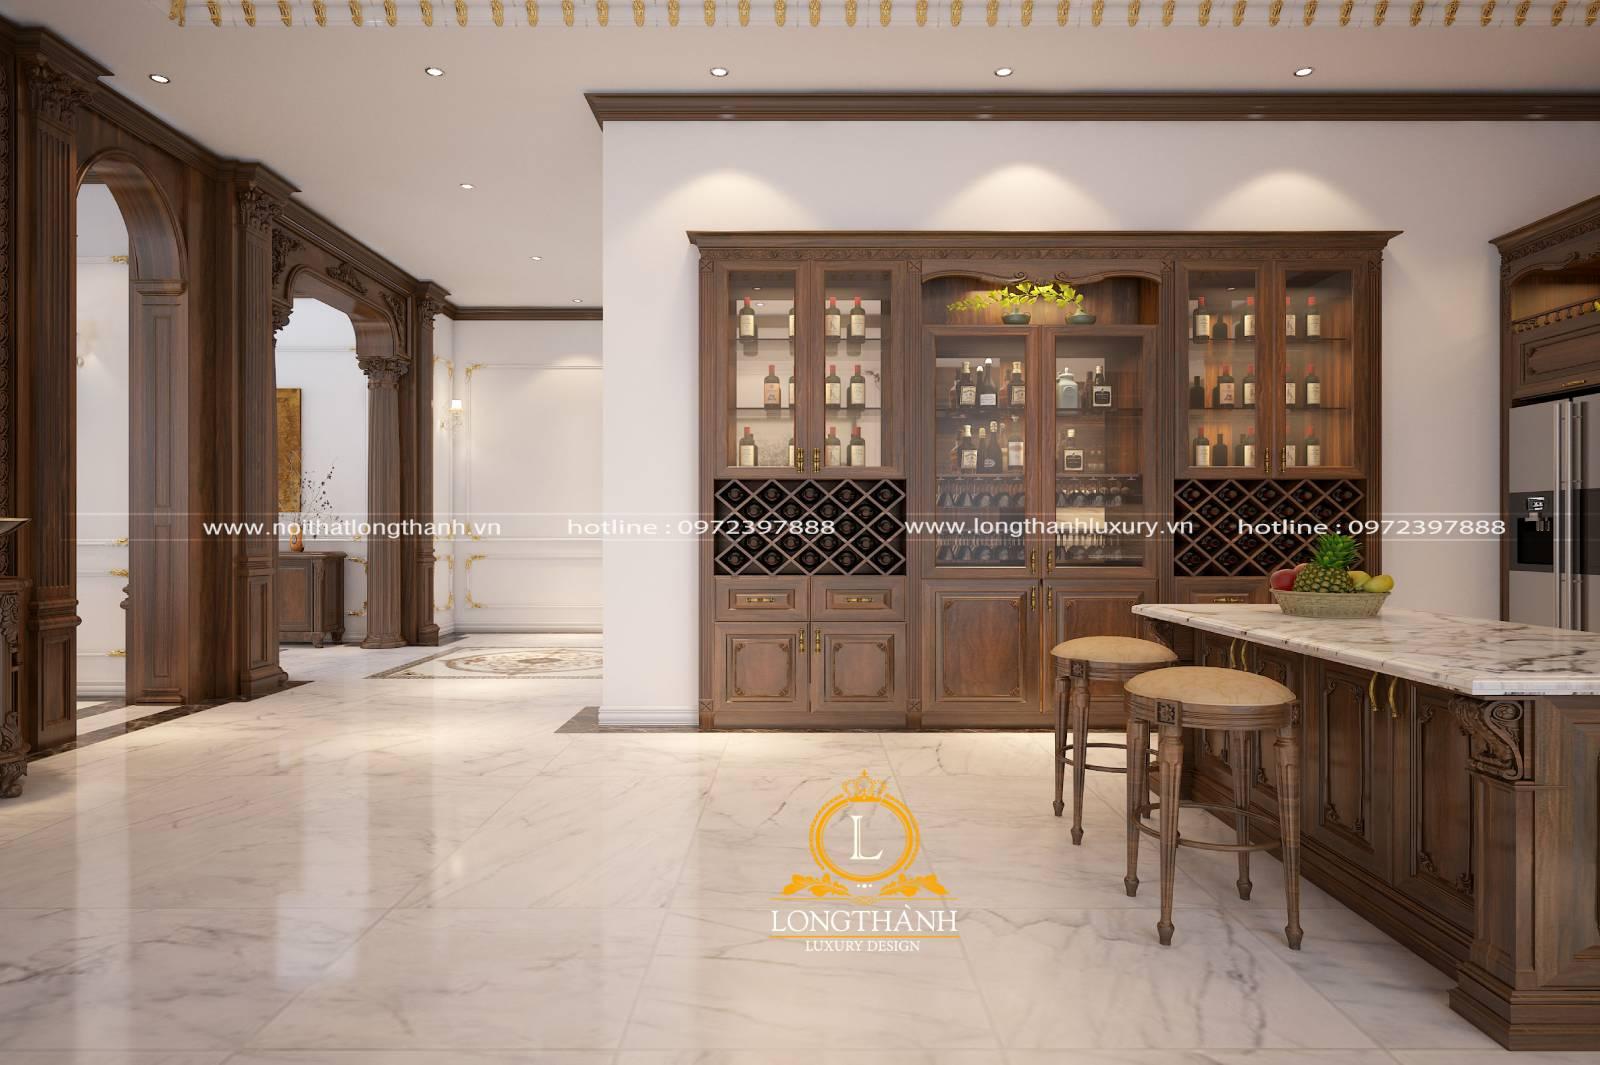 Tủ bếp gỗ Gõ tân cổ điển cho nhà biệt thự rộng